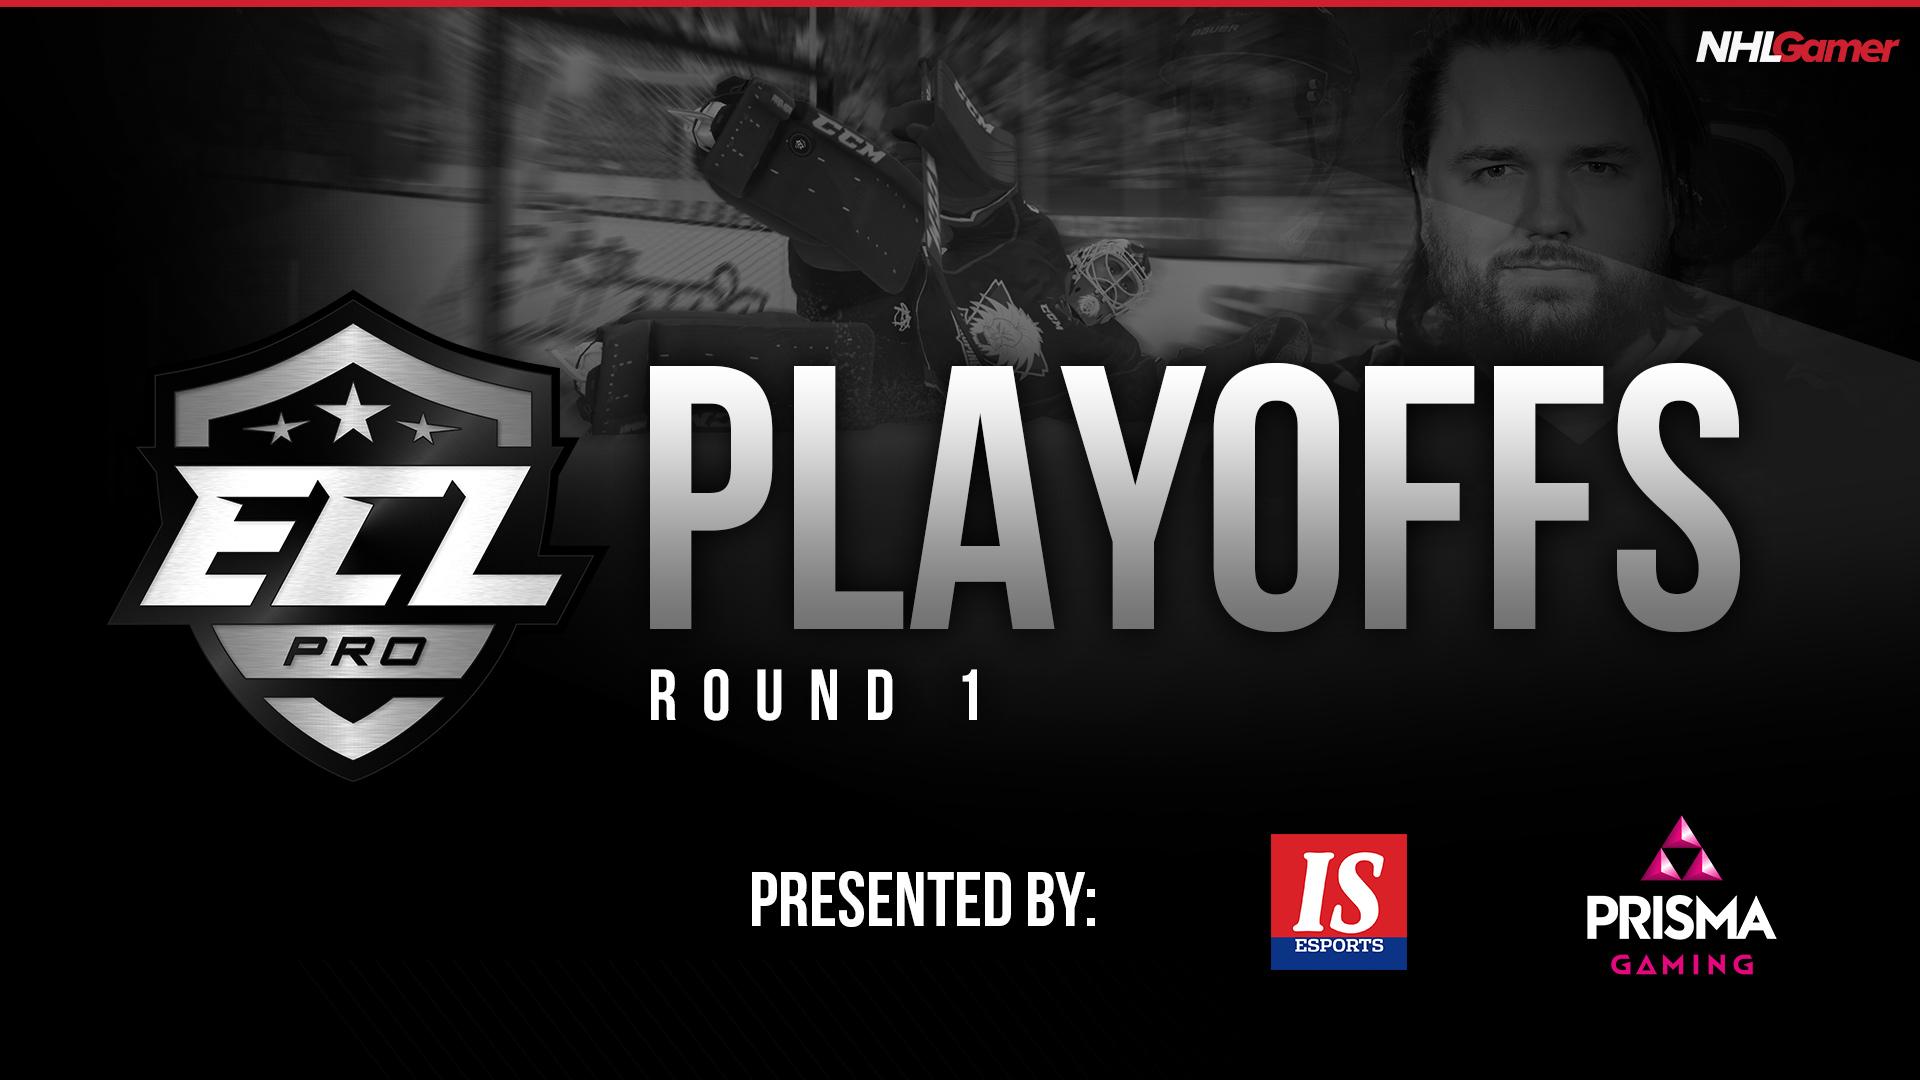 ECL_10_Pro_Playoffs_Round_1.jpg